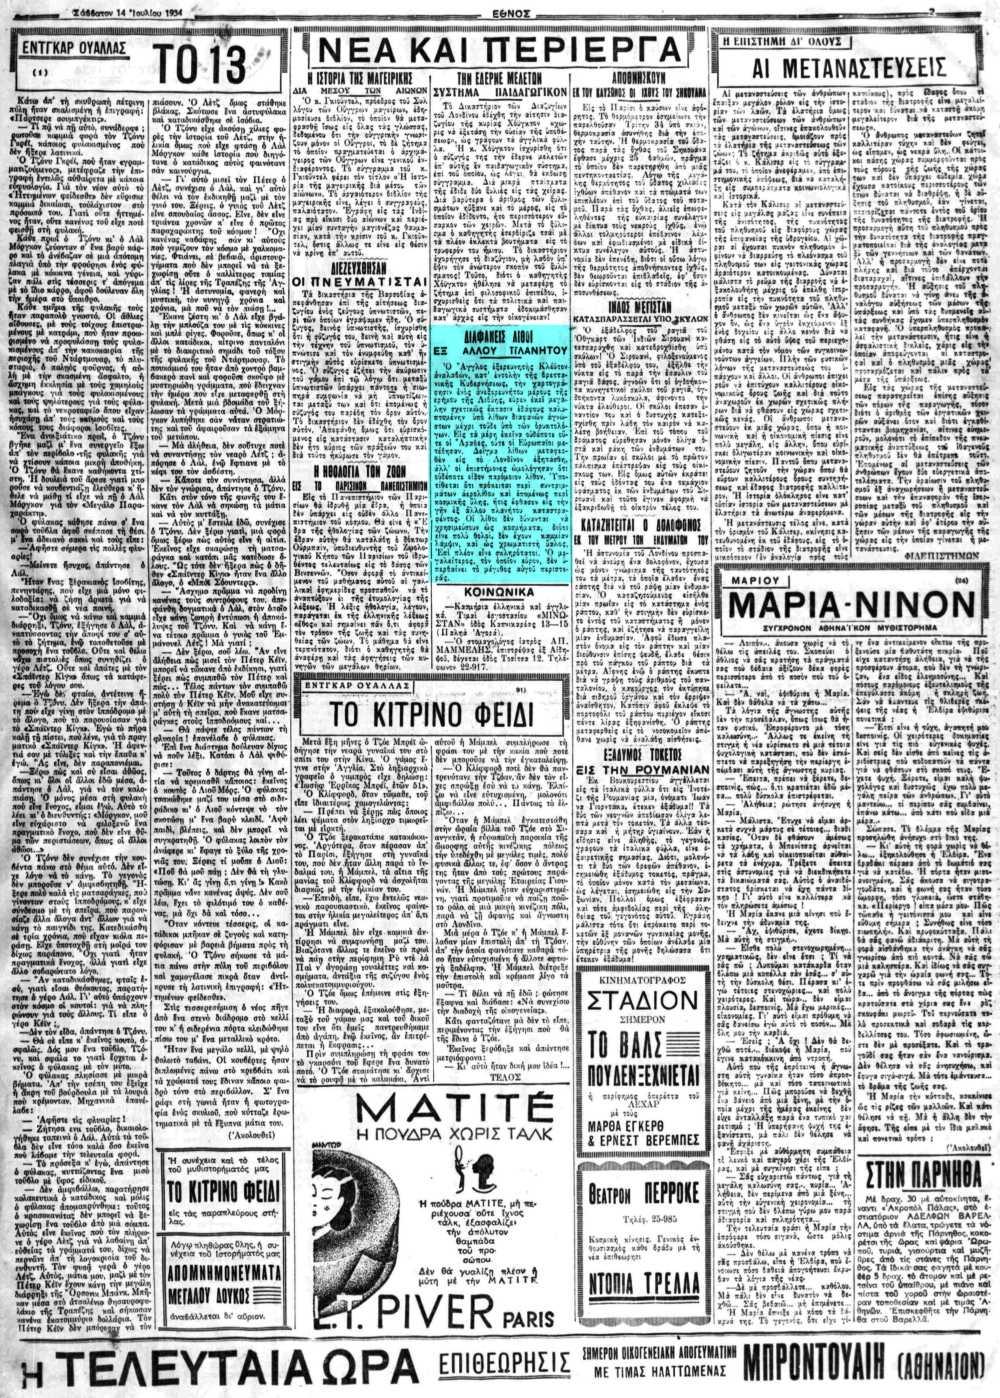 """Το άρθρο, όπως δημοσιεύθηκε στην εφημερίδα """"ΕΘΝΟΣ"""", στις 14/07/1934"""